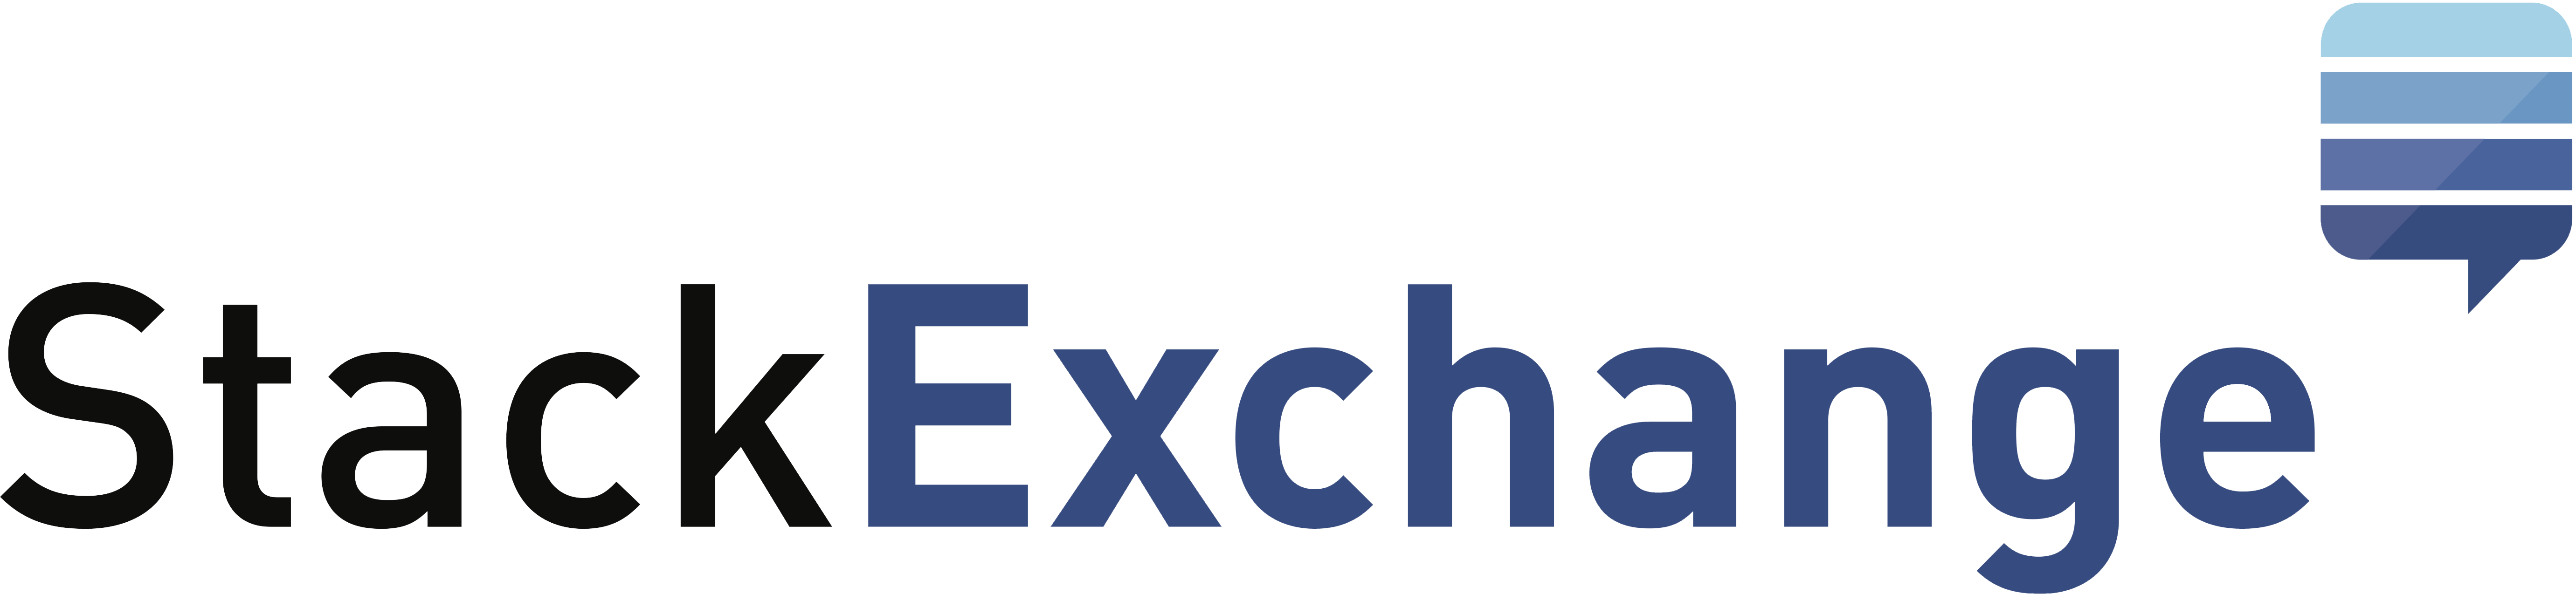 Stack Exchange Logo Retina